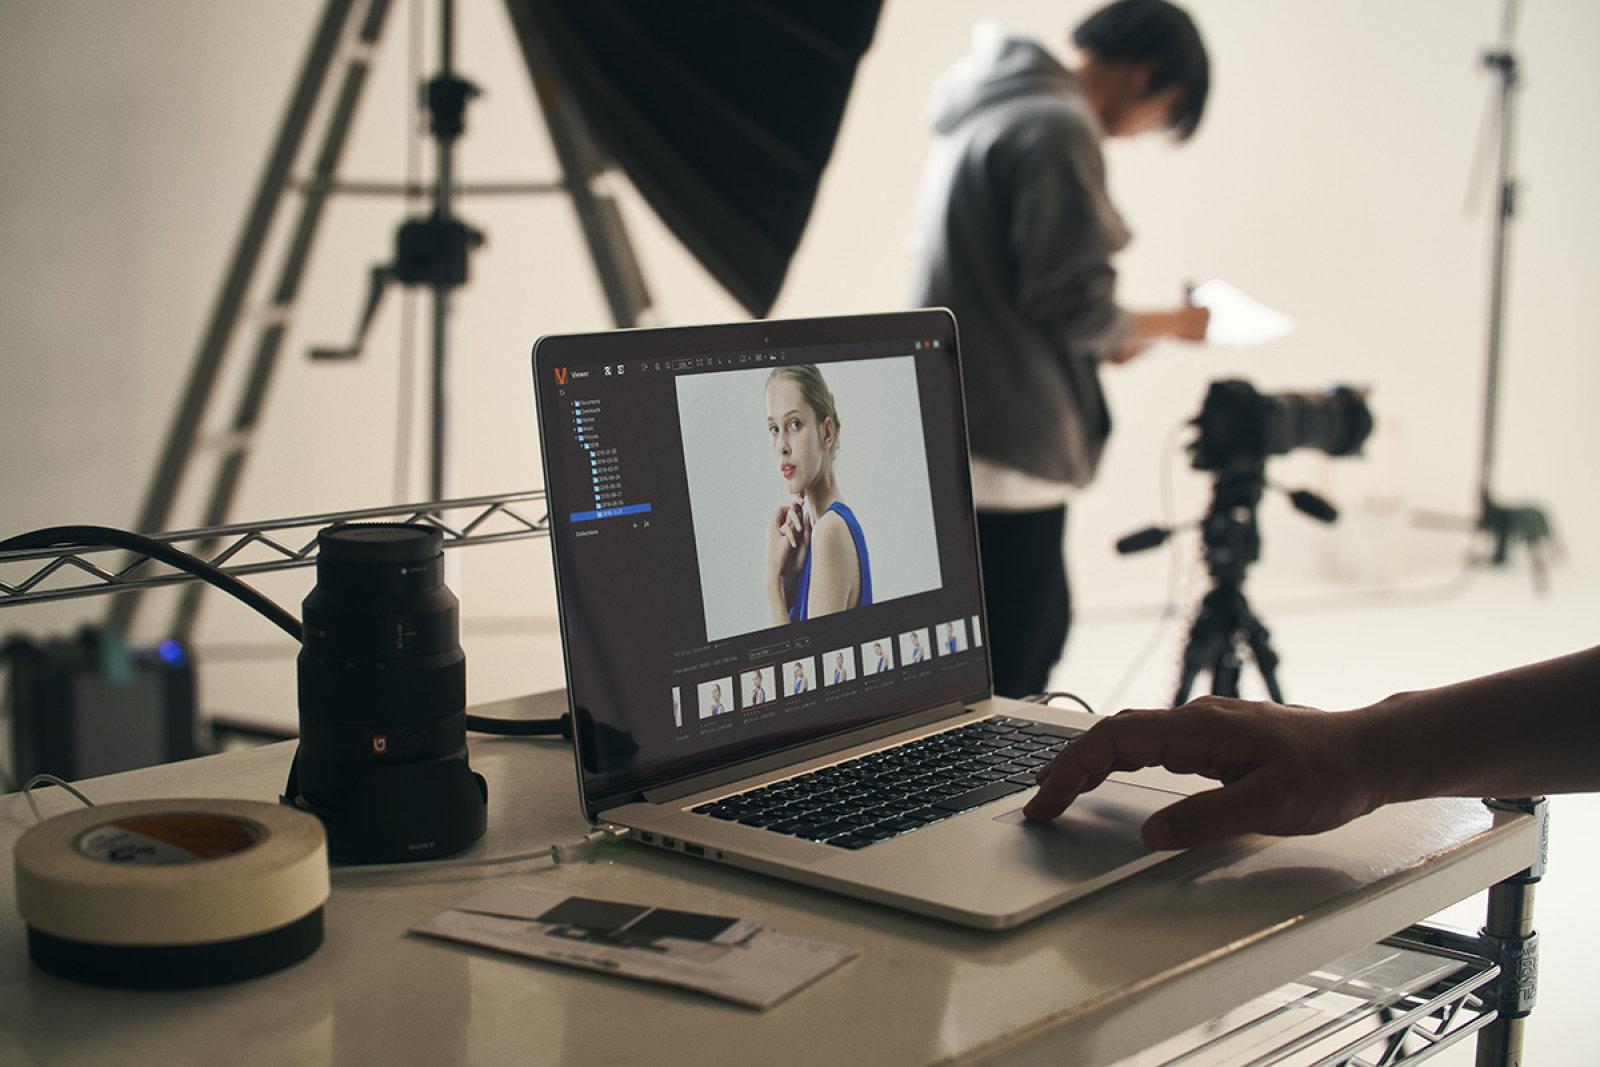 Sony annuncia Imaging Edge, l'app perfetta per trasferire le foto dalla DSLR allo smartphone 1